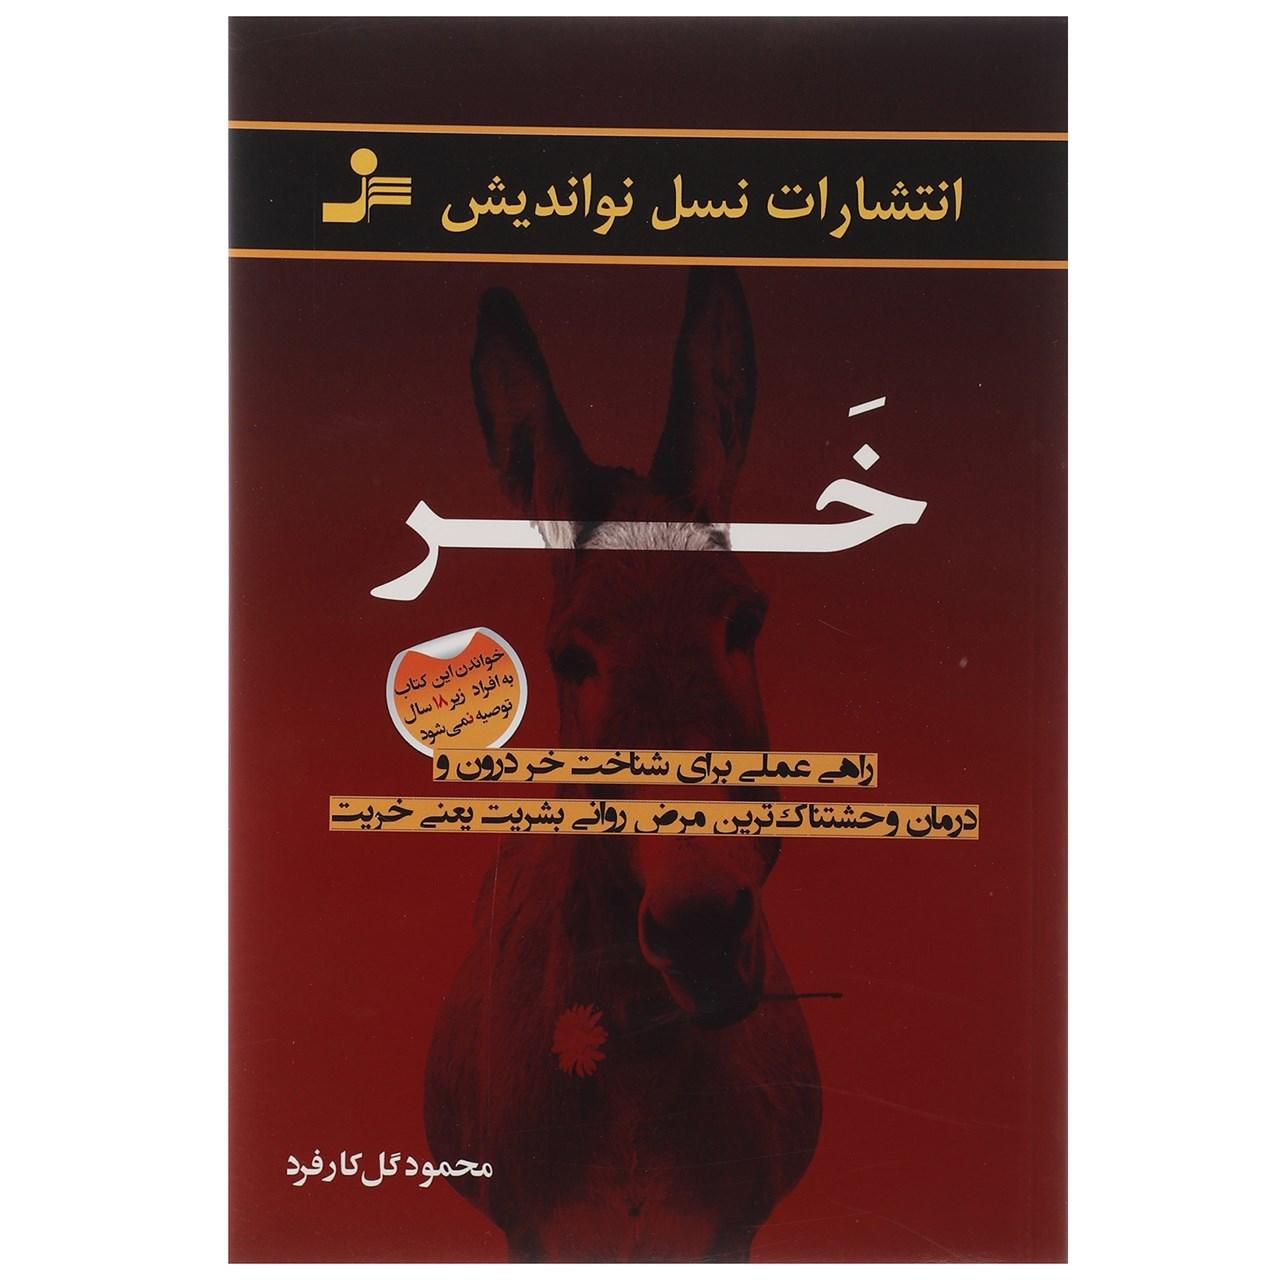 کتاب خر راهی علمی برای شناخت خر درون اثر محمود گل کارفرد